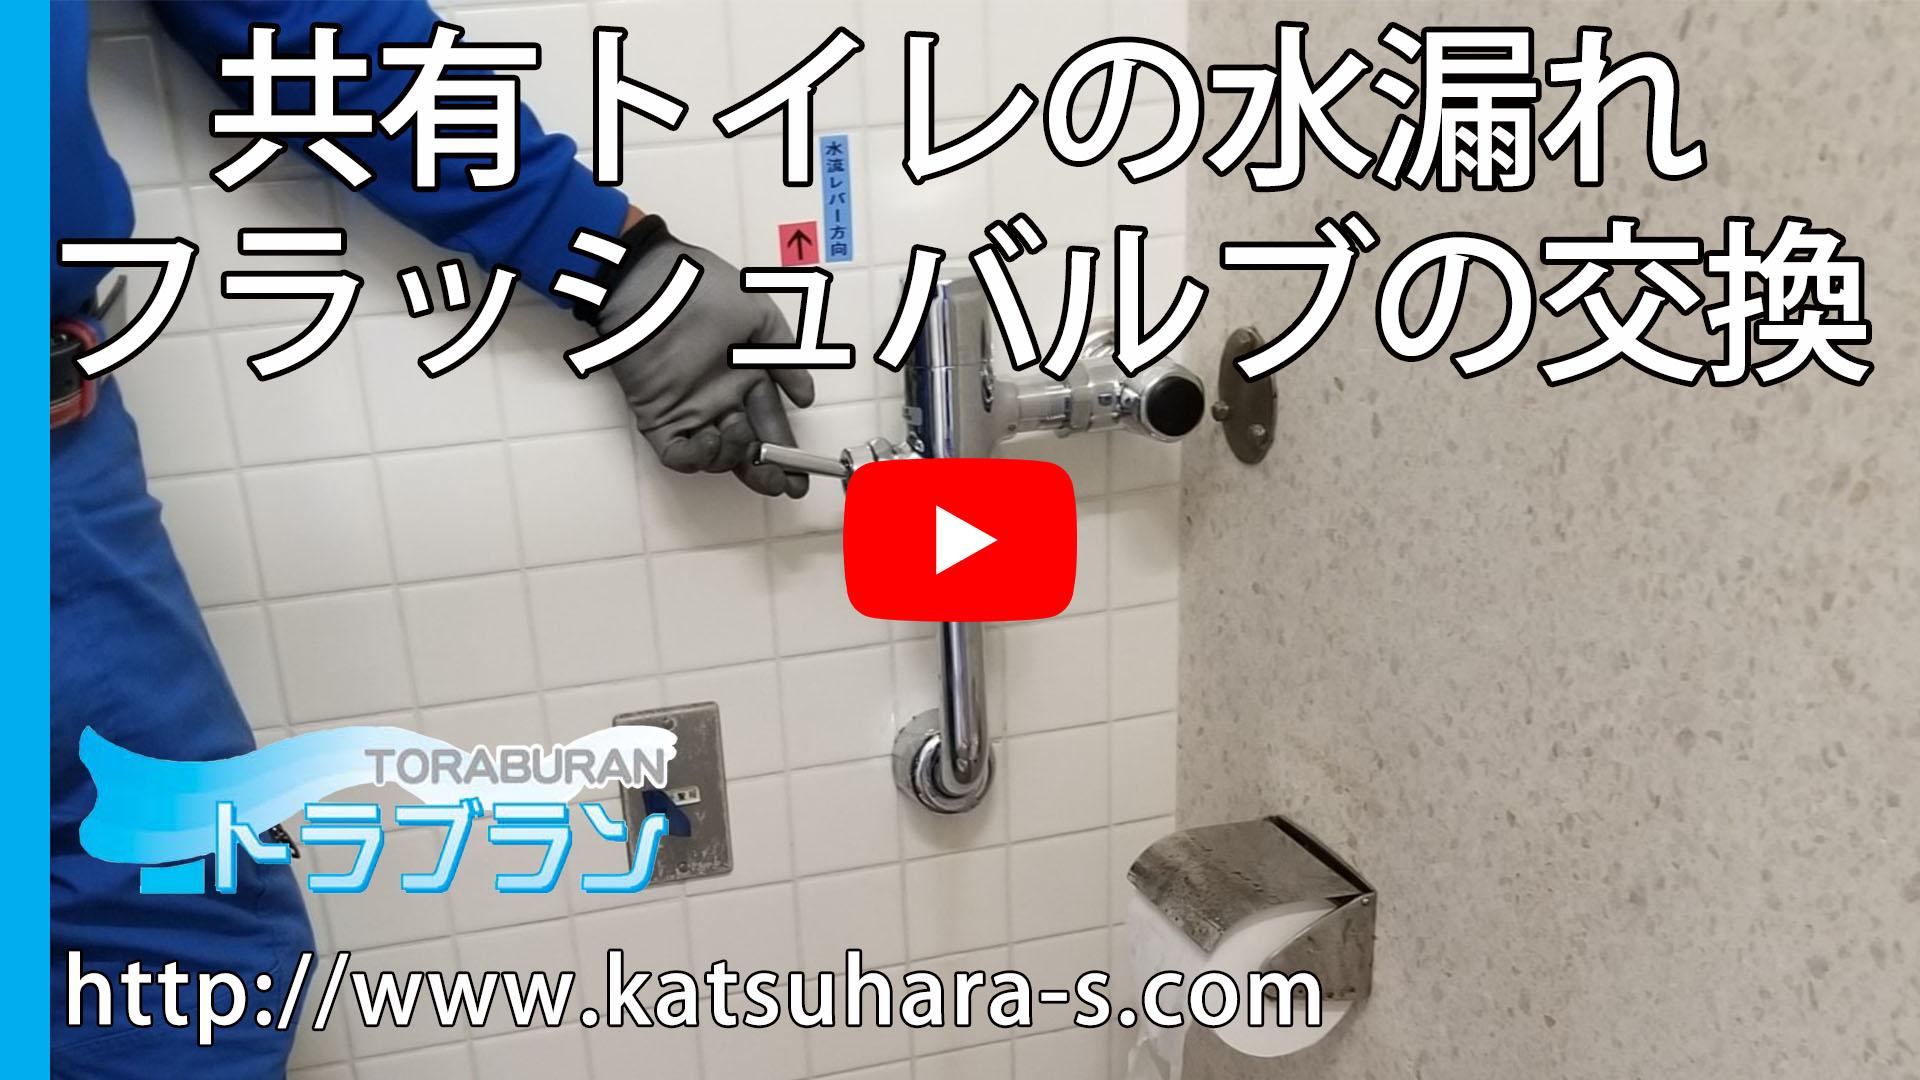 共有トイレの水漏れフラッシュバルブの交換